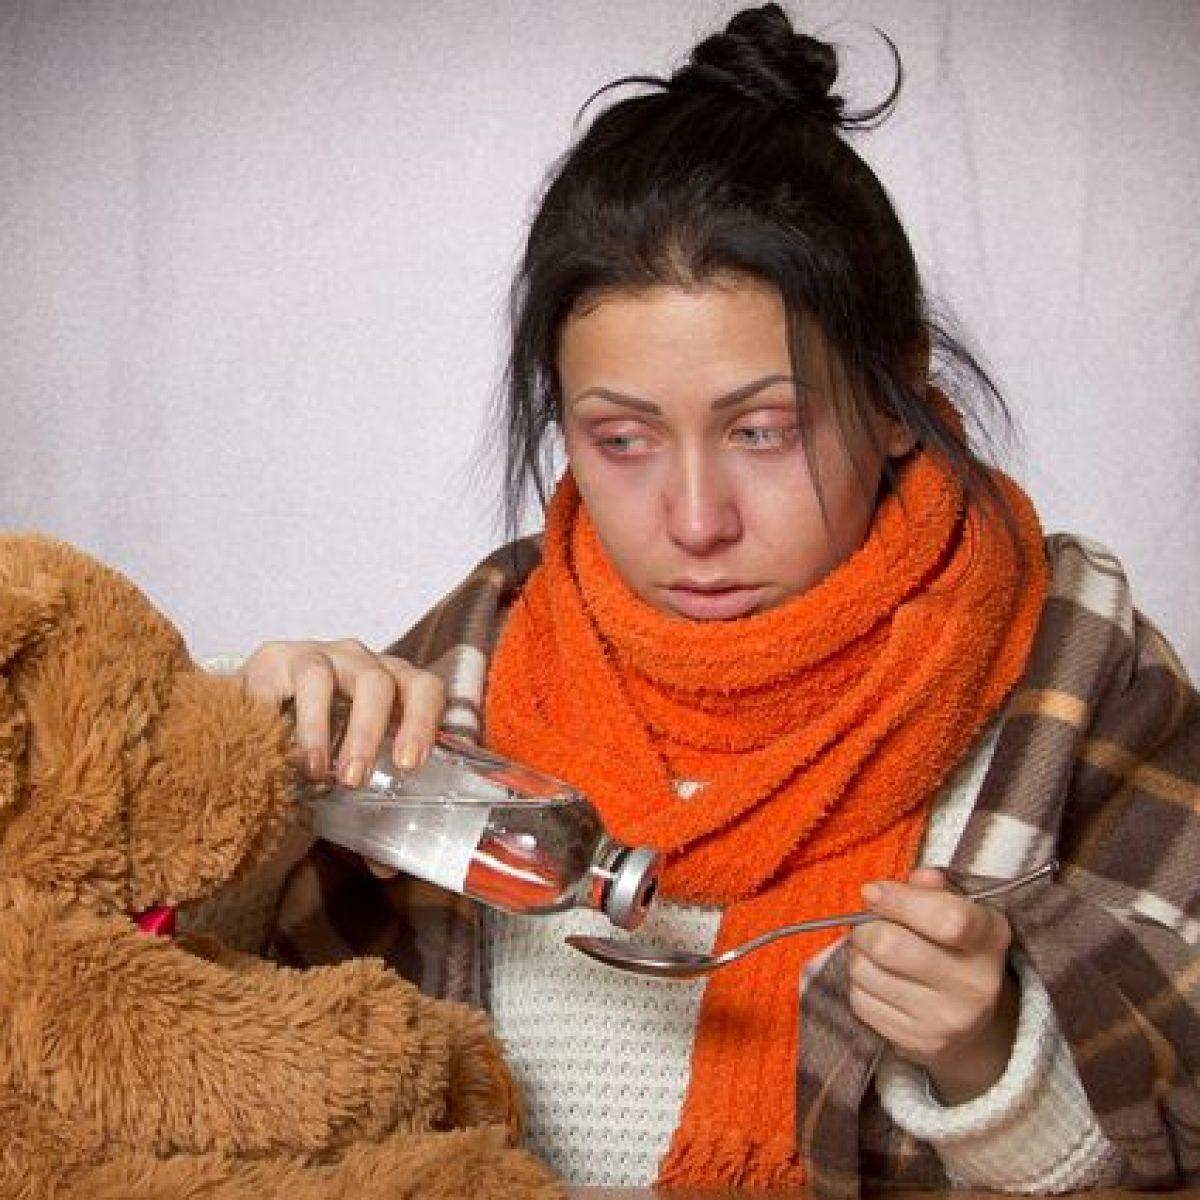 Mal di gola corpo dolori brividi e febbre. Meningite: attenti a questi segnali   Il Mattino